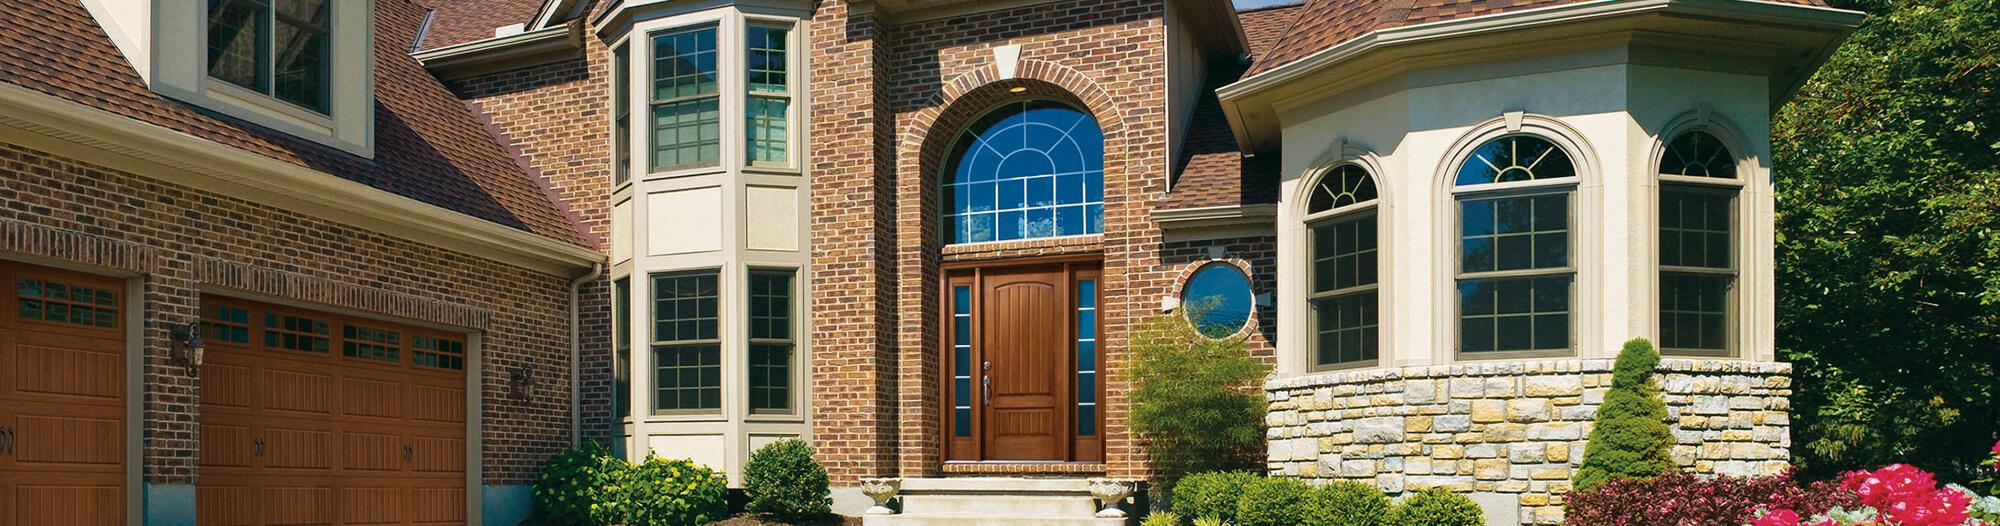 Entry Doors in New Jersey Front Door Installation